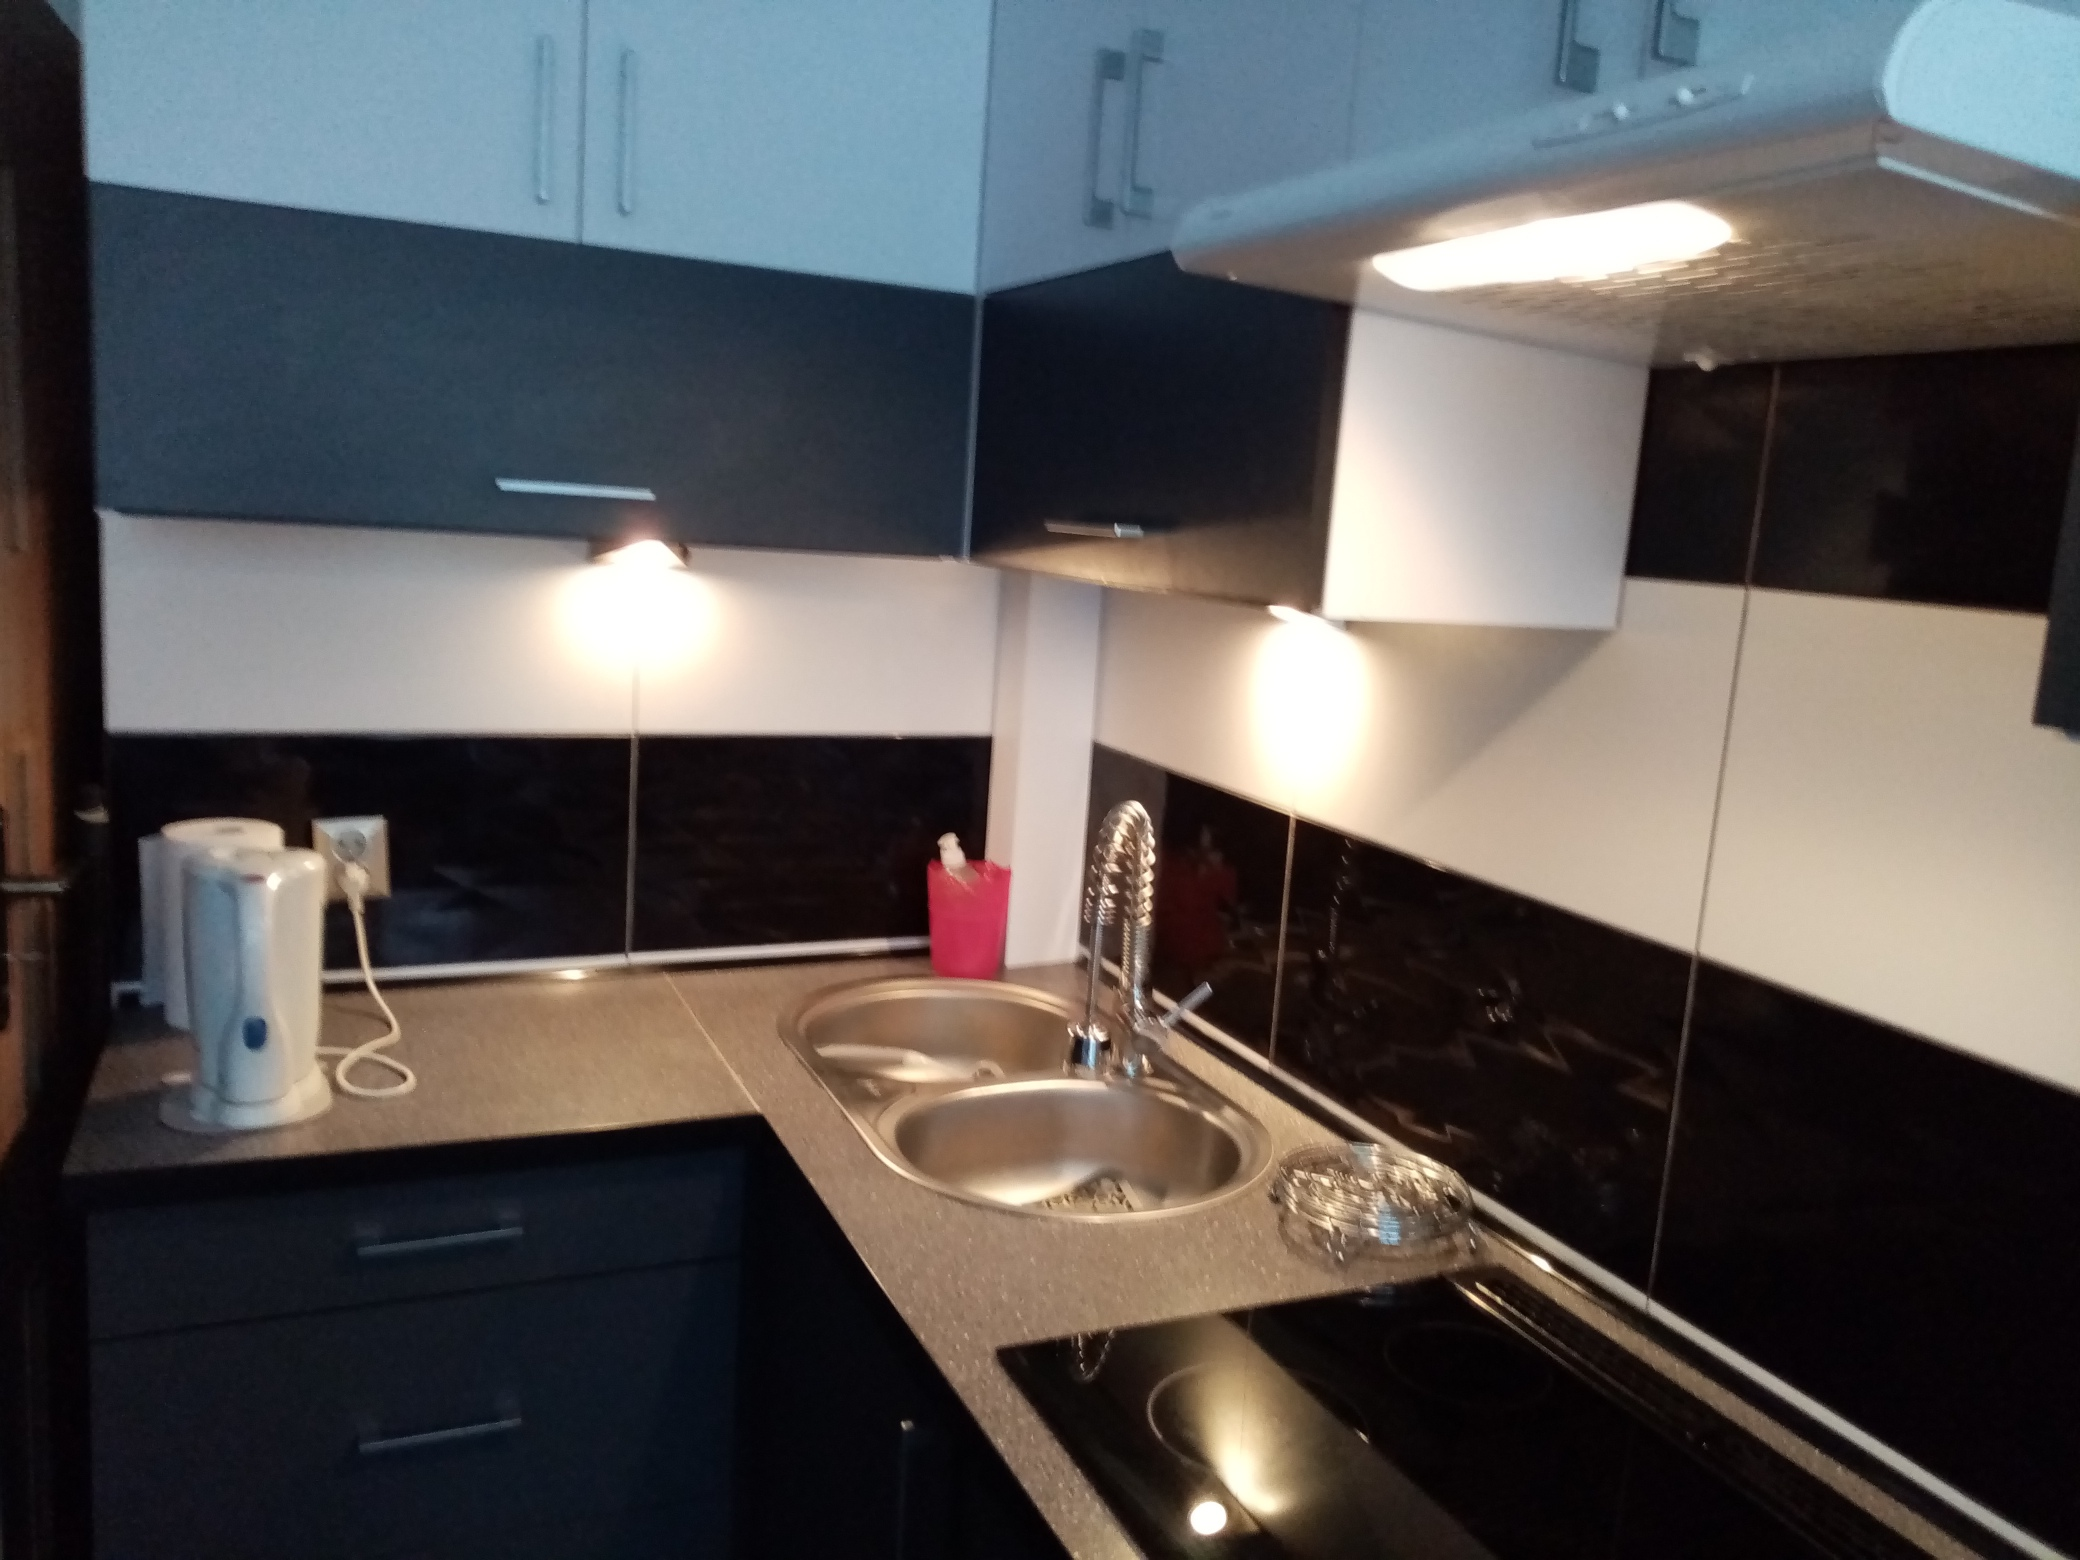 Tanio komfortowe mieszkanie dwupokojowe  z pełną zabudową pod wymiar i wyposażeniem